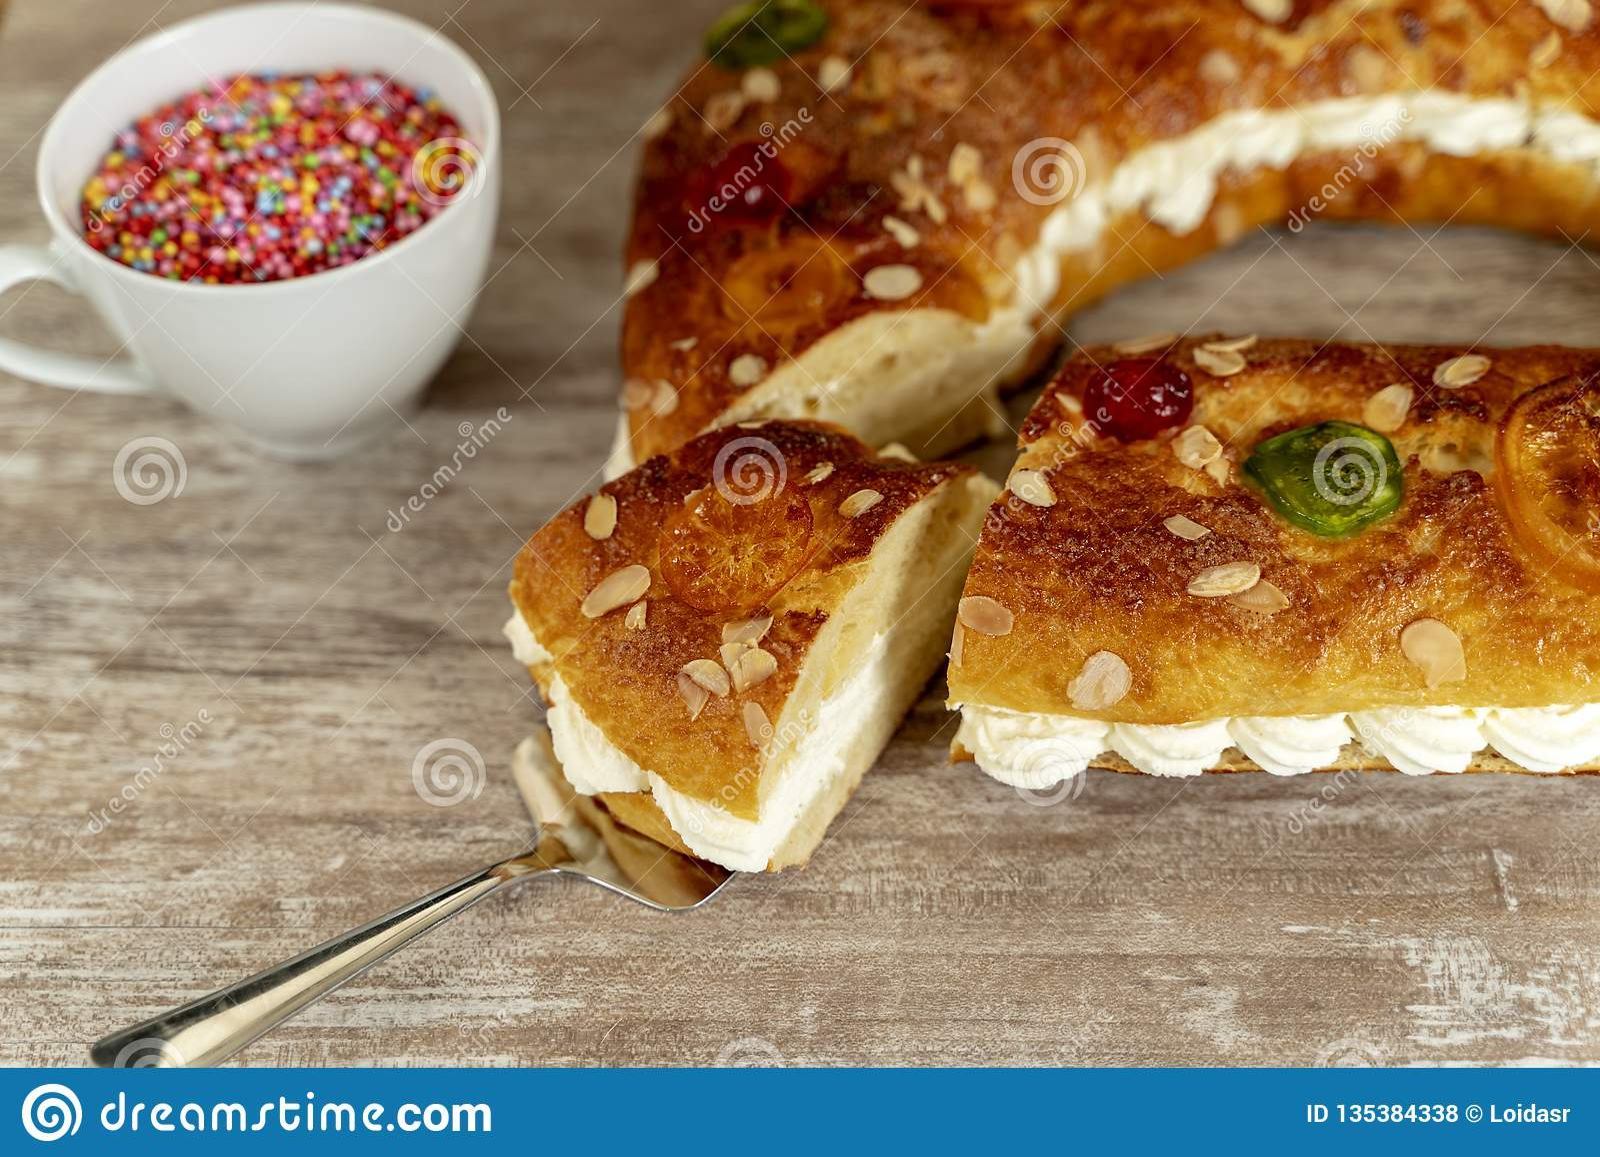 Kuchen Königs machte eigenhändig im Ofen, auf einem gemütlichen Holzfuß